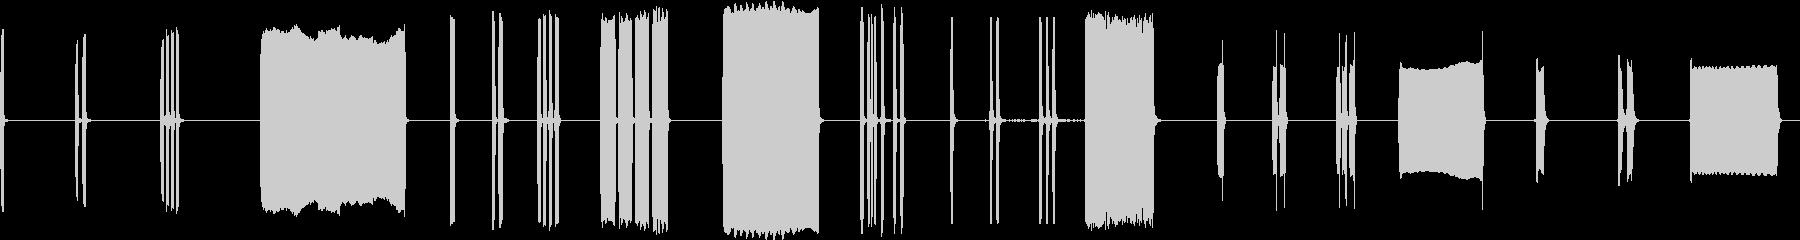 カーホーン、外部3バージョン、内部...の未再生の波形